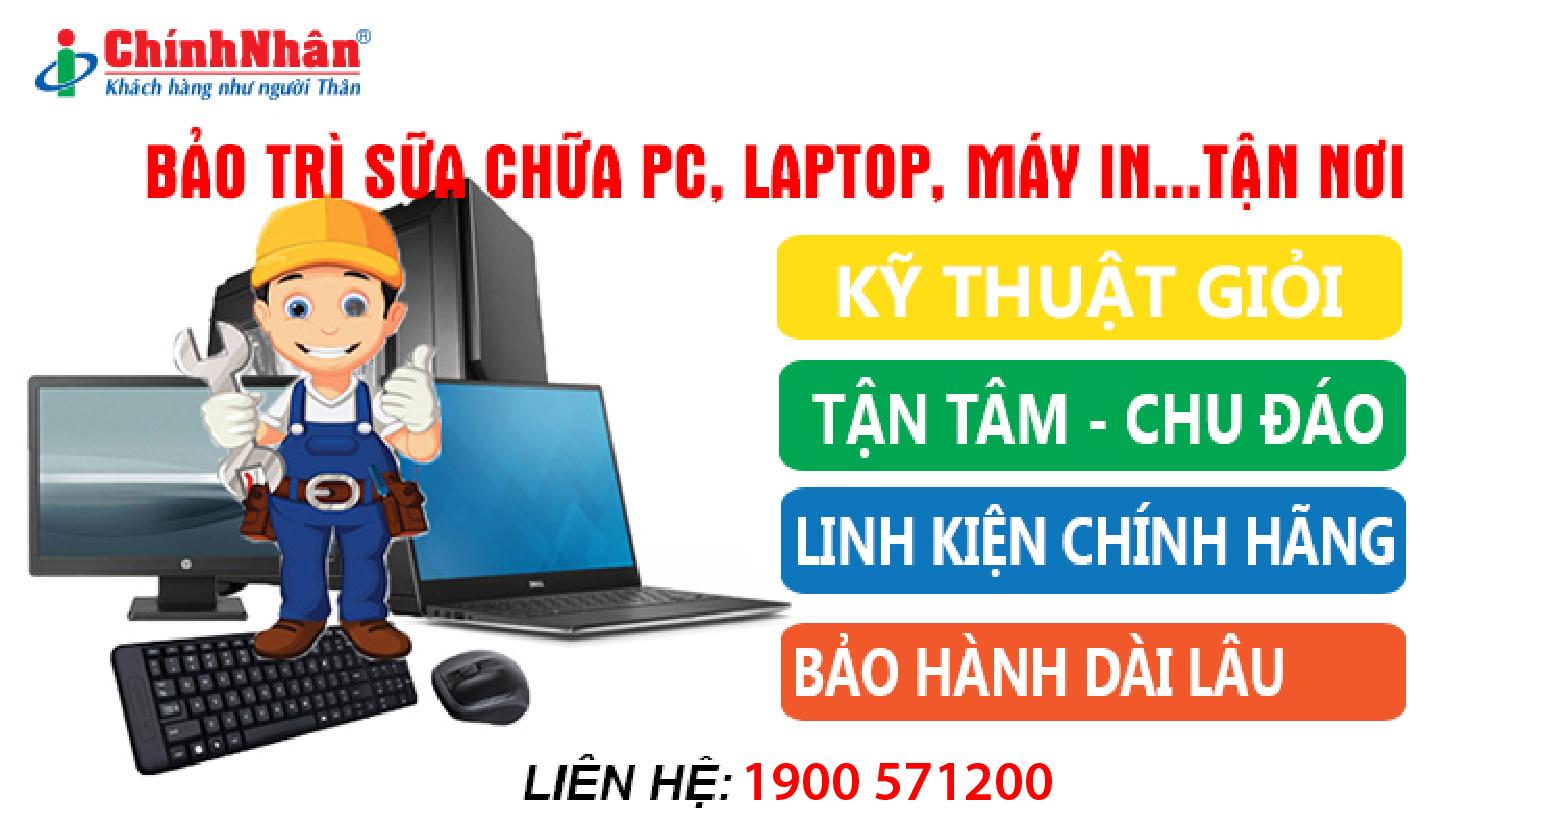 Dịch vụ sửa chữa máy tính nhanh nhất giá rẻ chất lượng